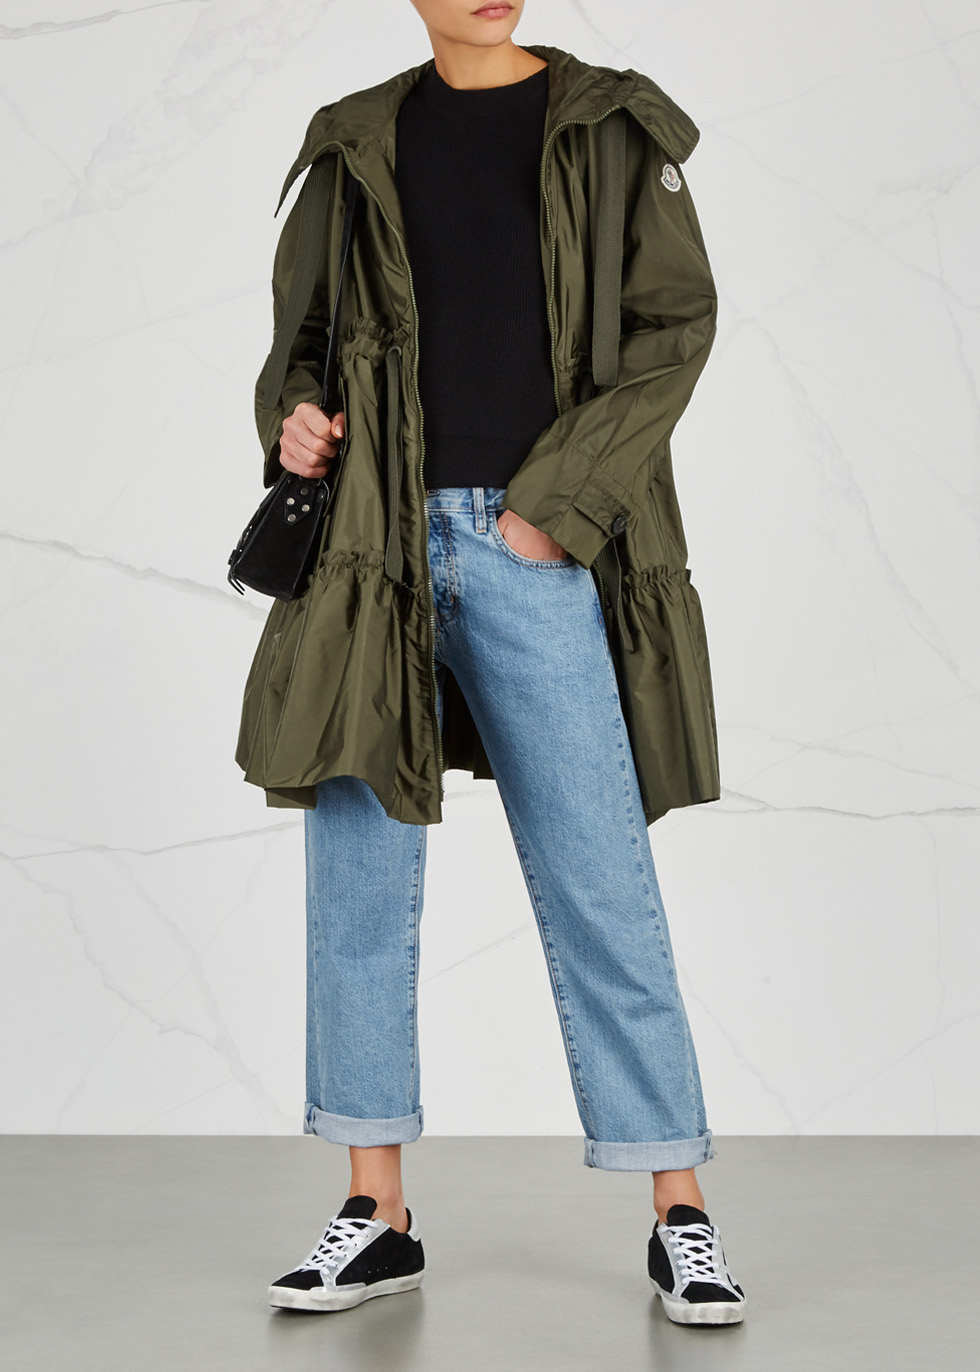 180ac1e86 coupon for moncler coat vest jeans style 74434 12ec0